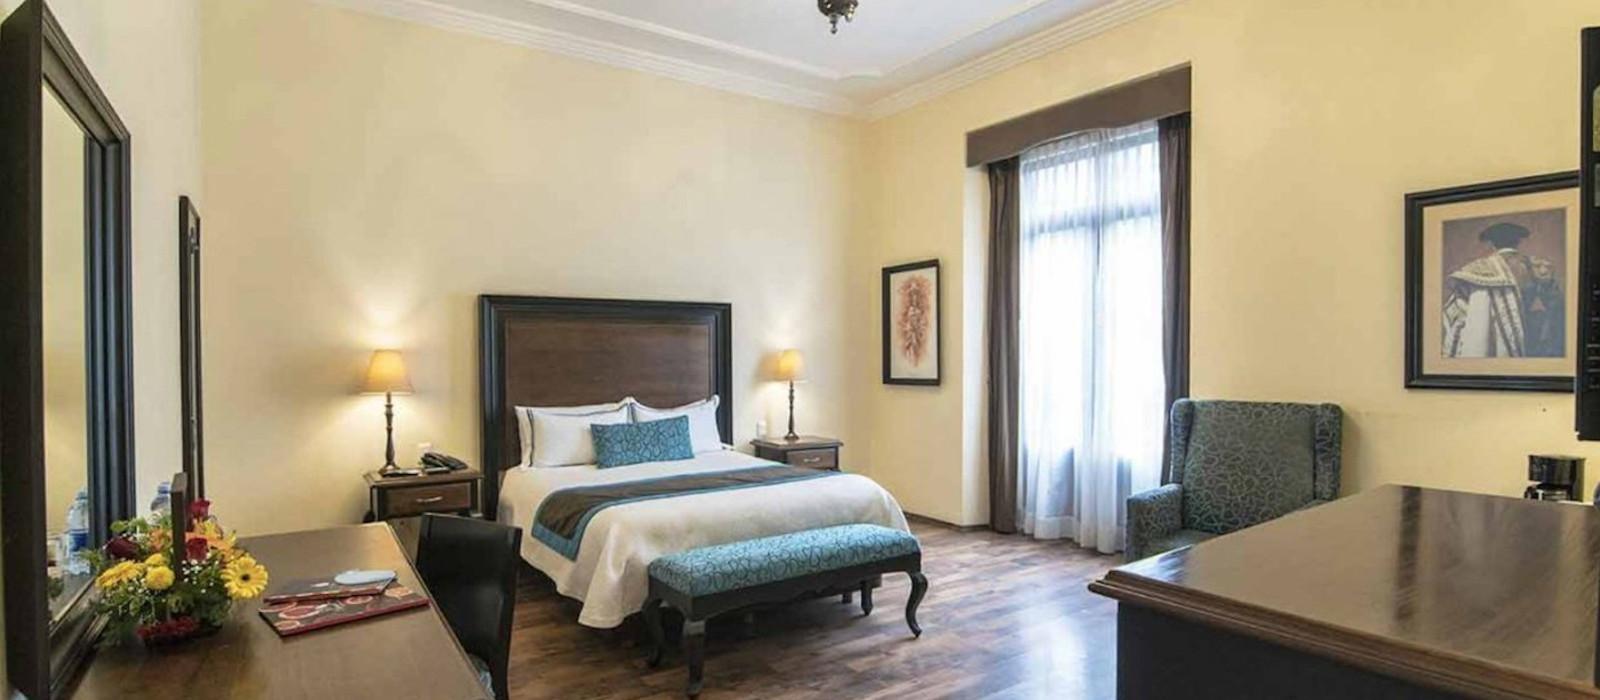 Hotel  Morales Mexico